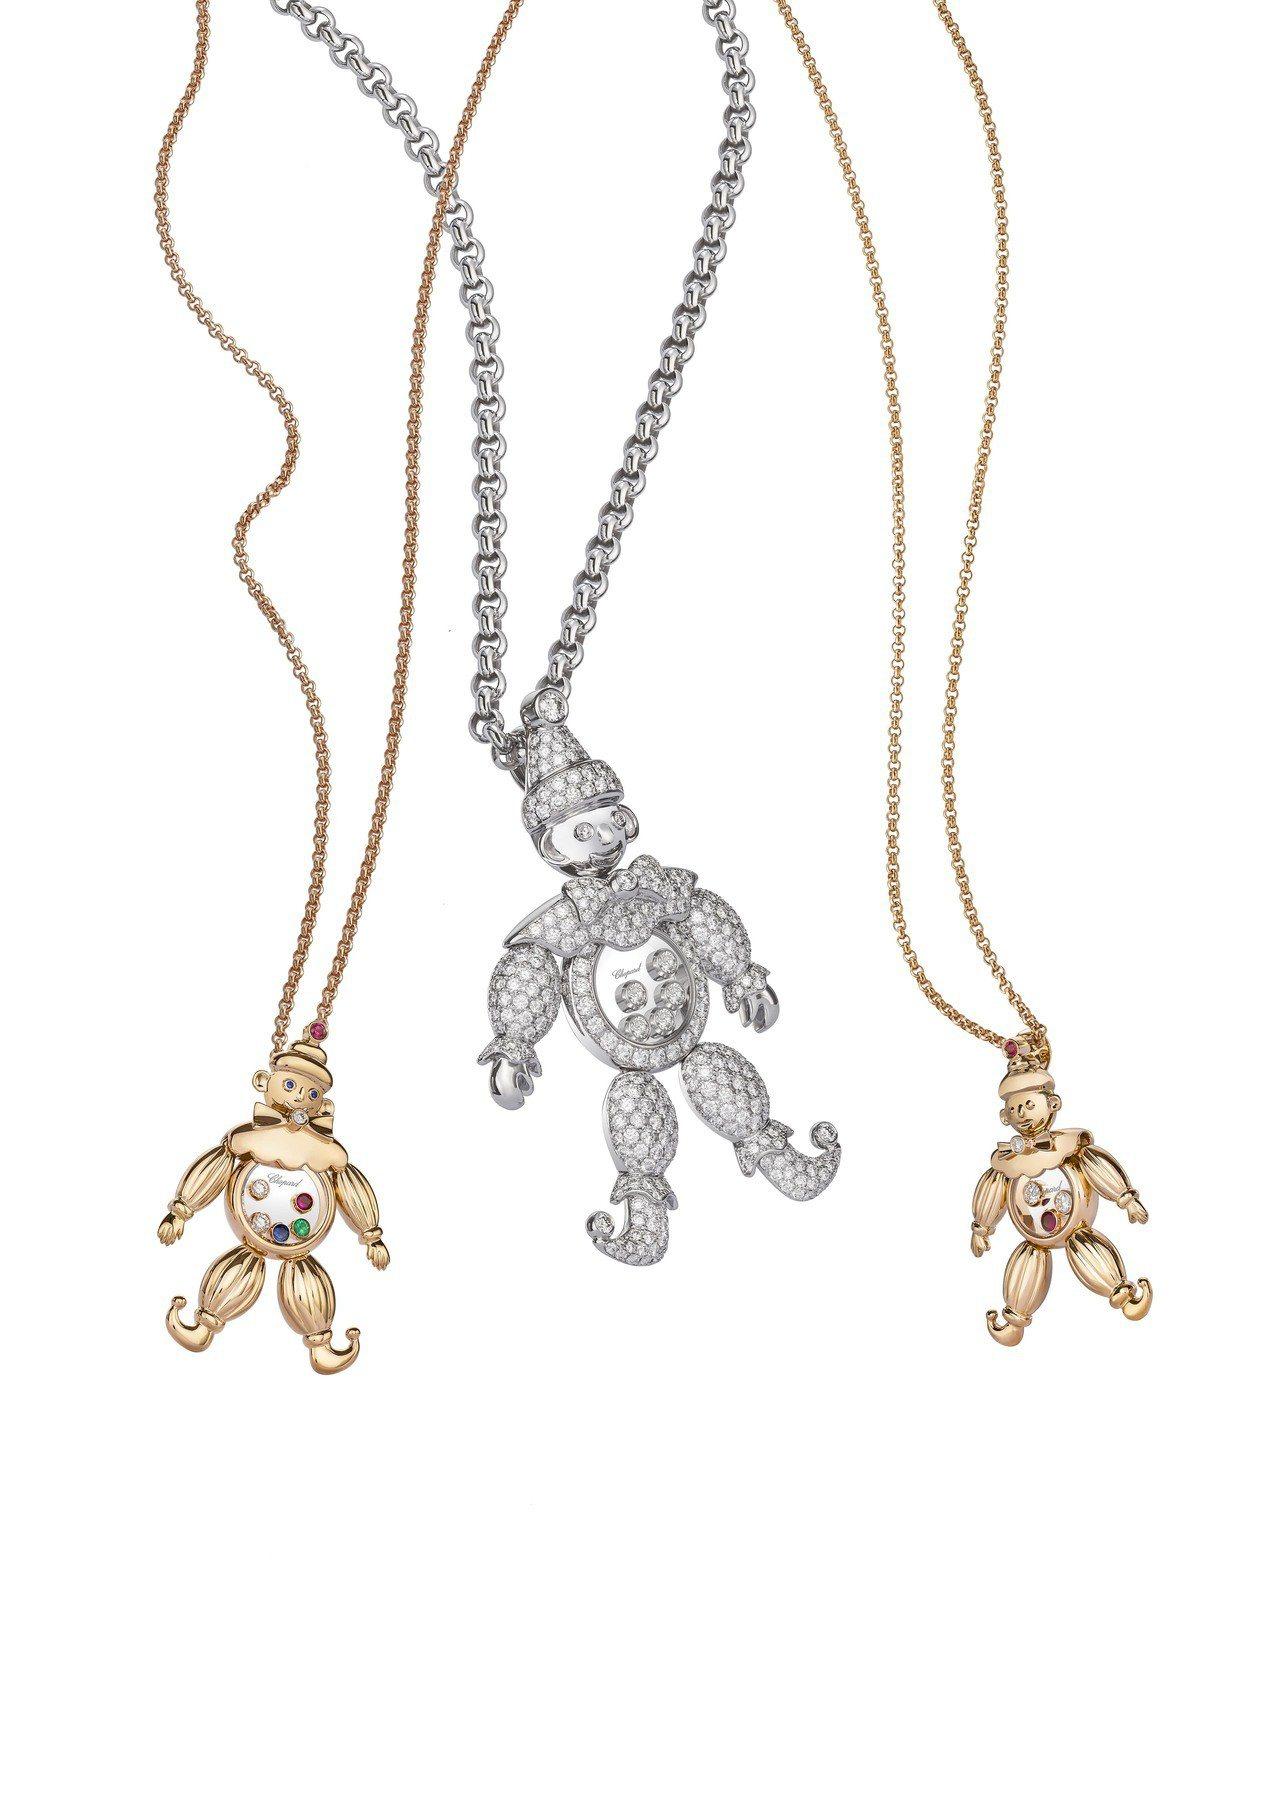 蕭邦Happy Clown項鍊,(左)18K玫瑰金鑲嵌紅寶石、鑽石、藍寶石、祖母...